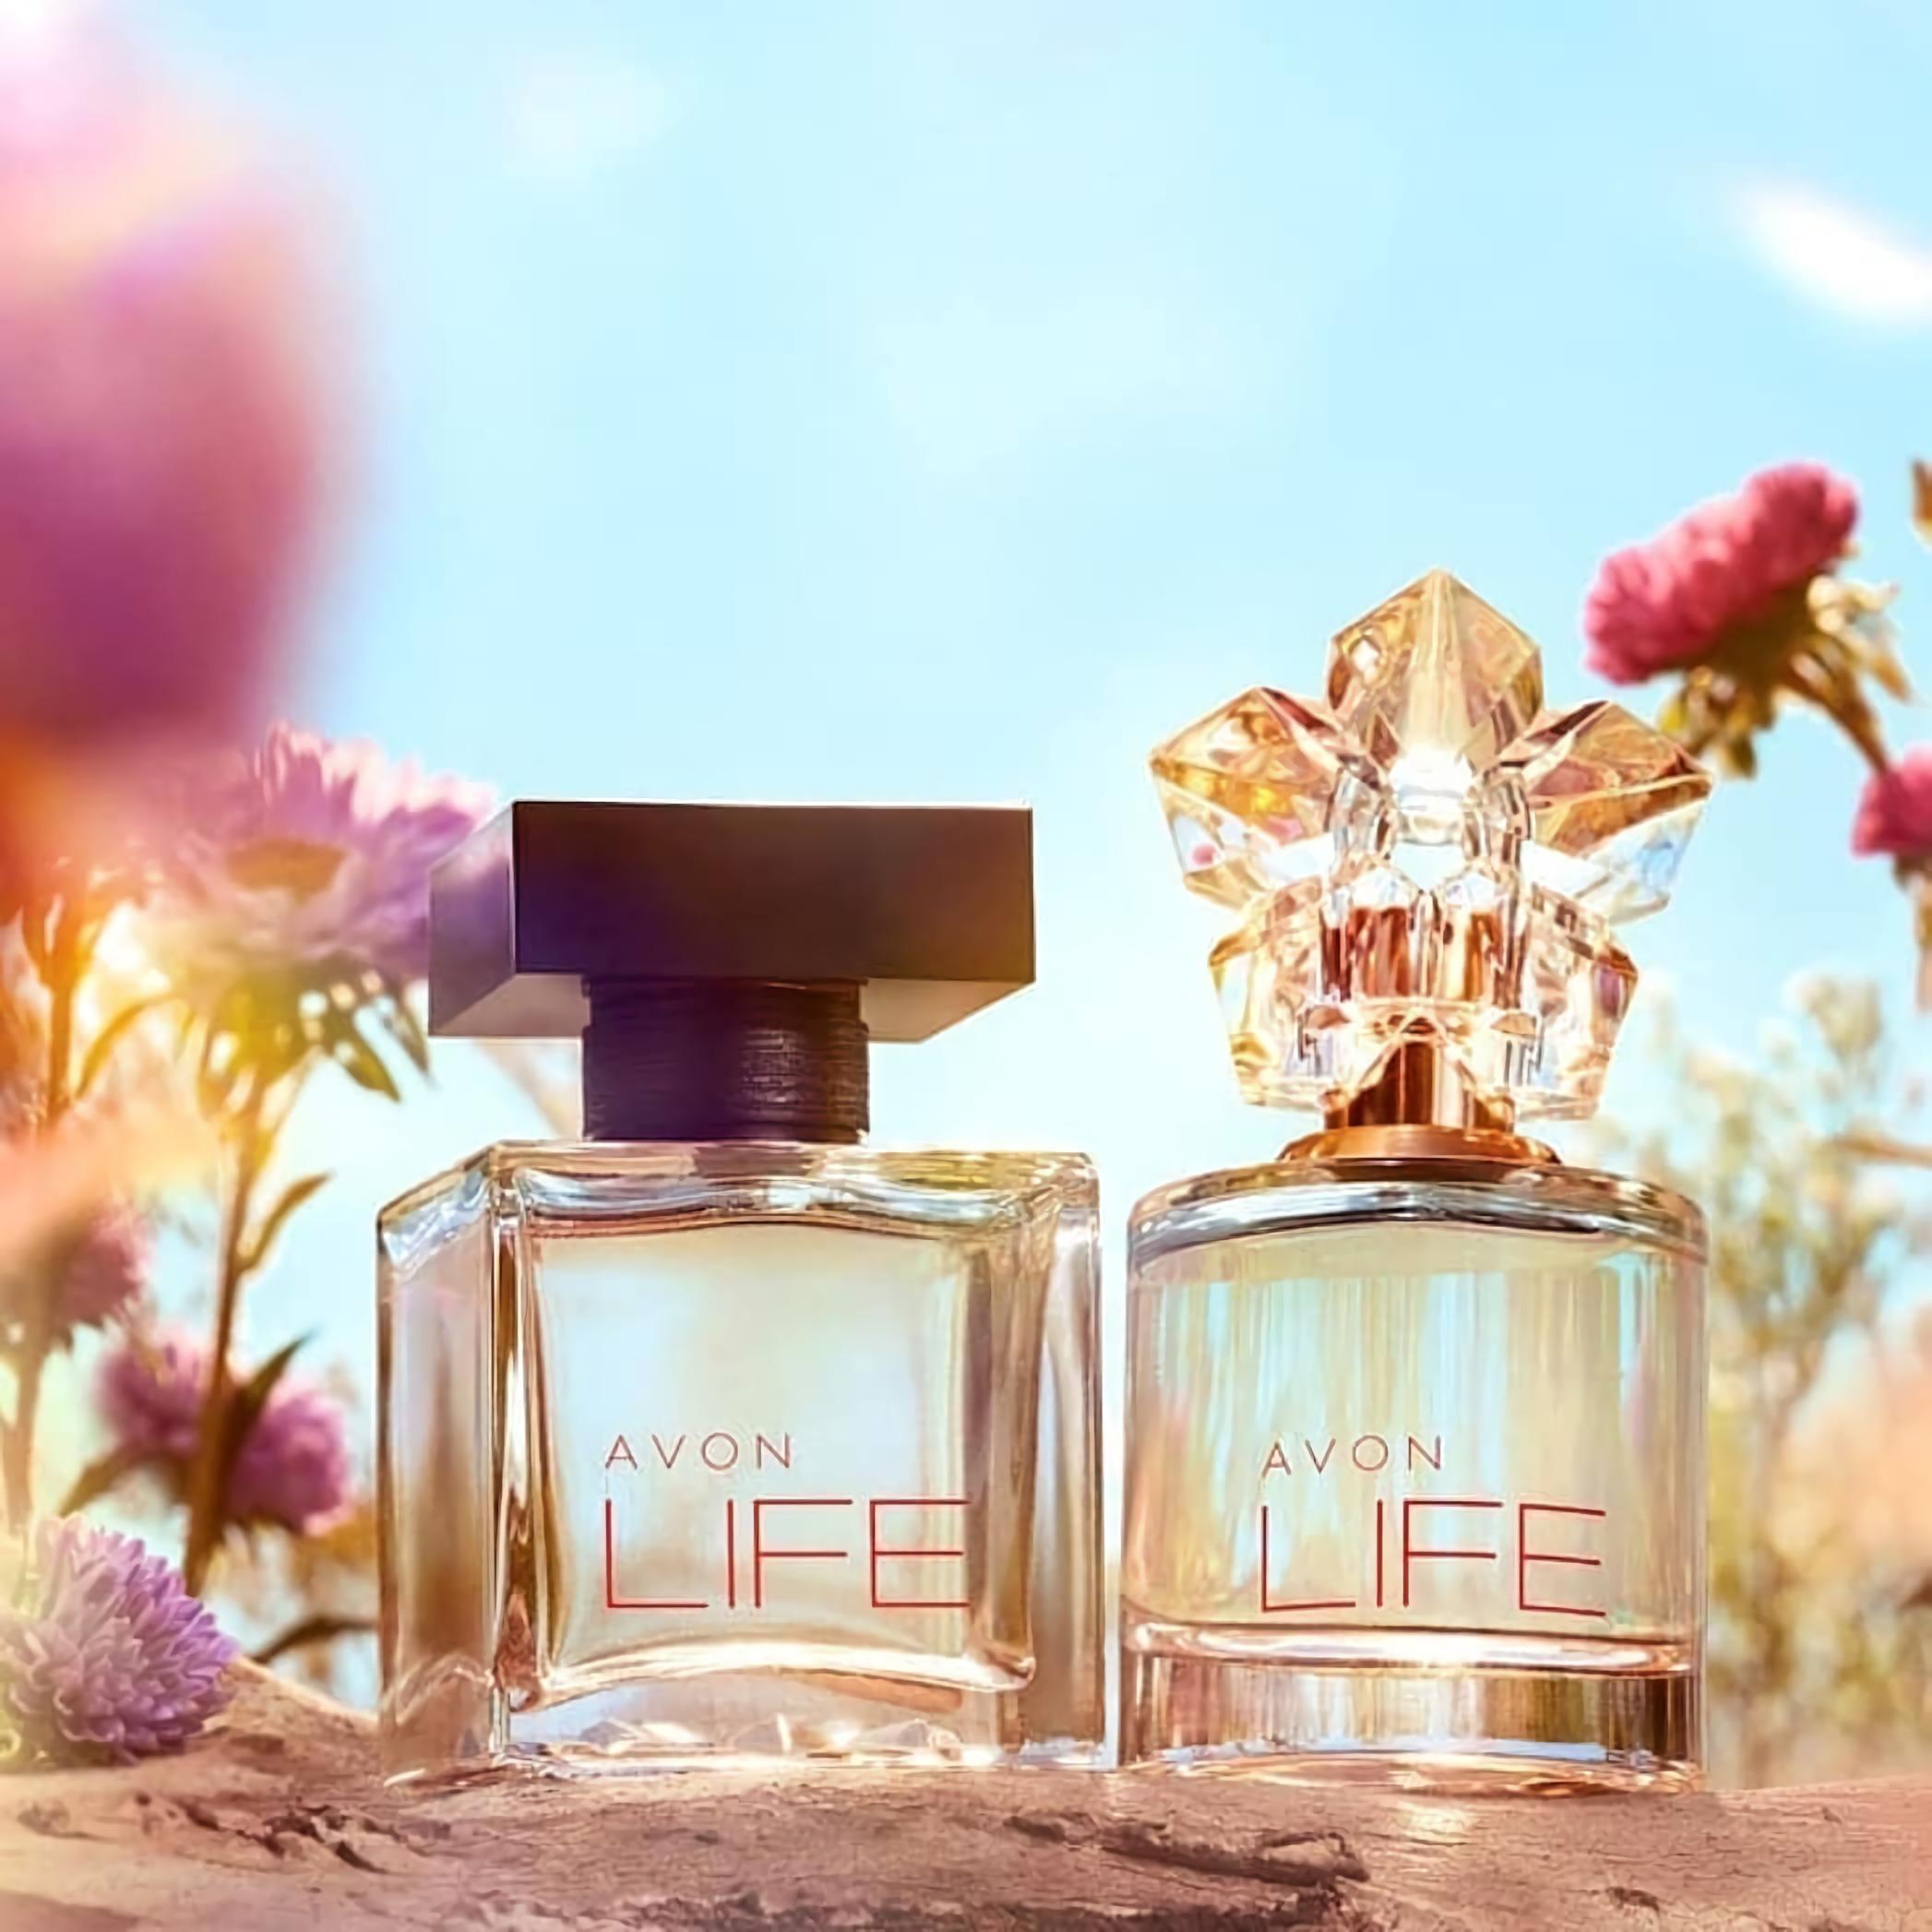 модные духи с женственным запахом Life for Her Avon